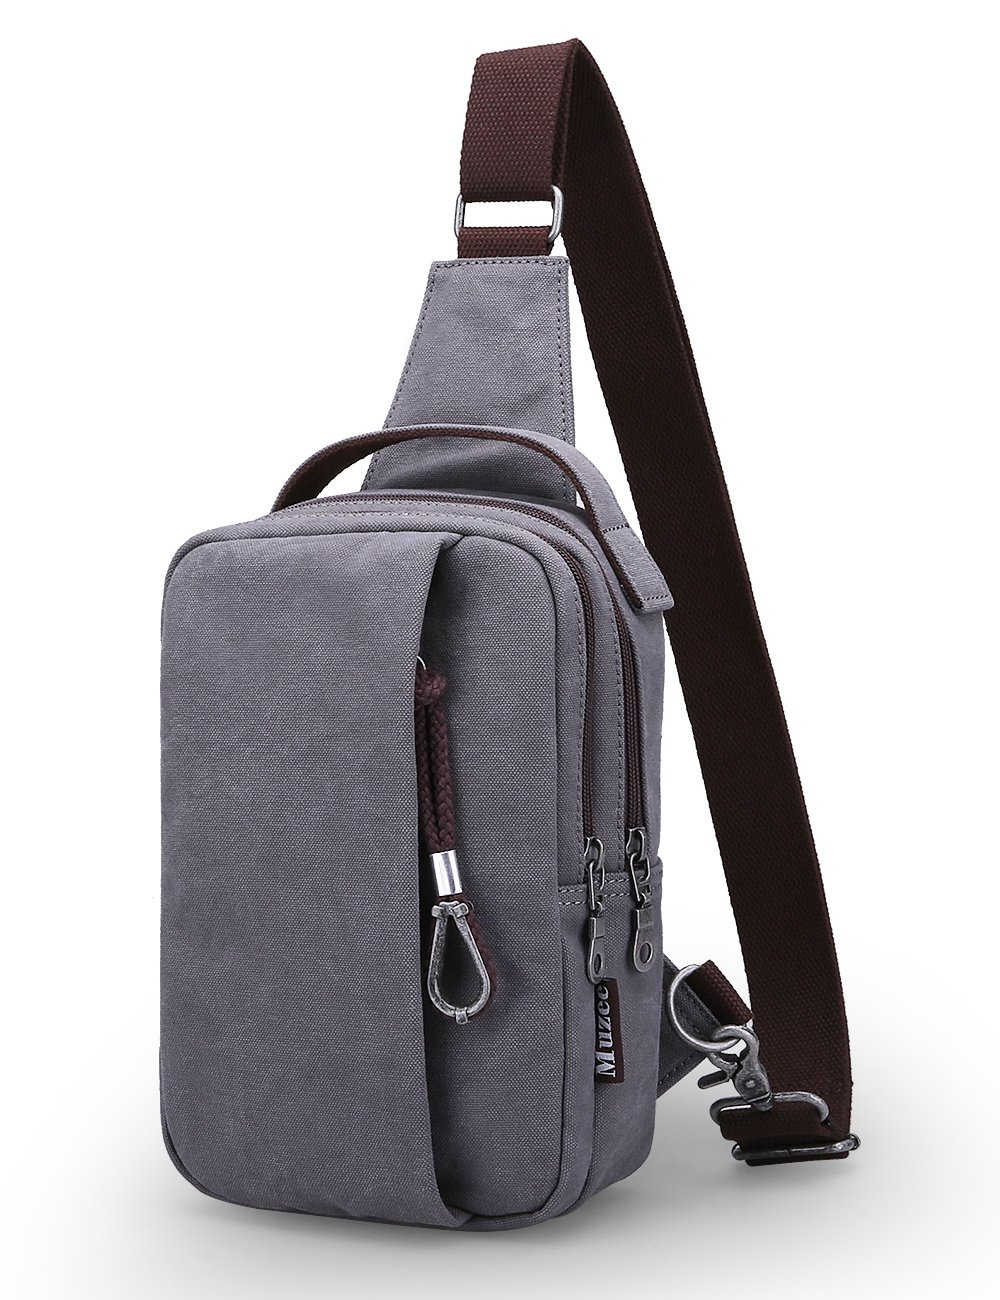 Muzee Sling Bag Chest Shoulder Gym Backpack Sack Satchel Outdoor Crossbody Bag (New grey)